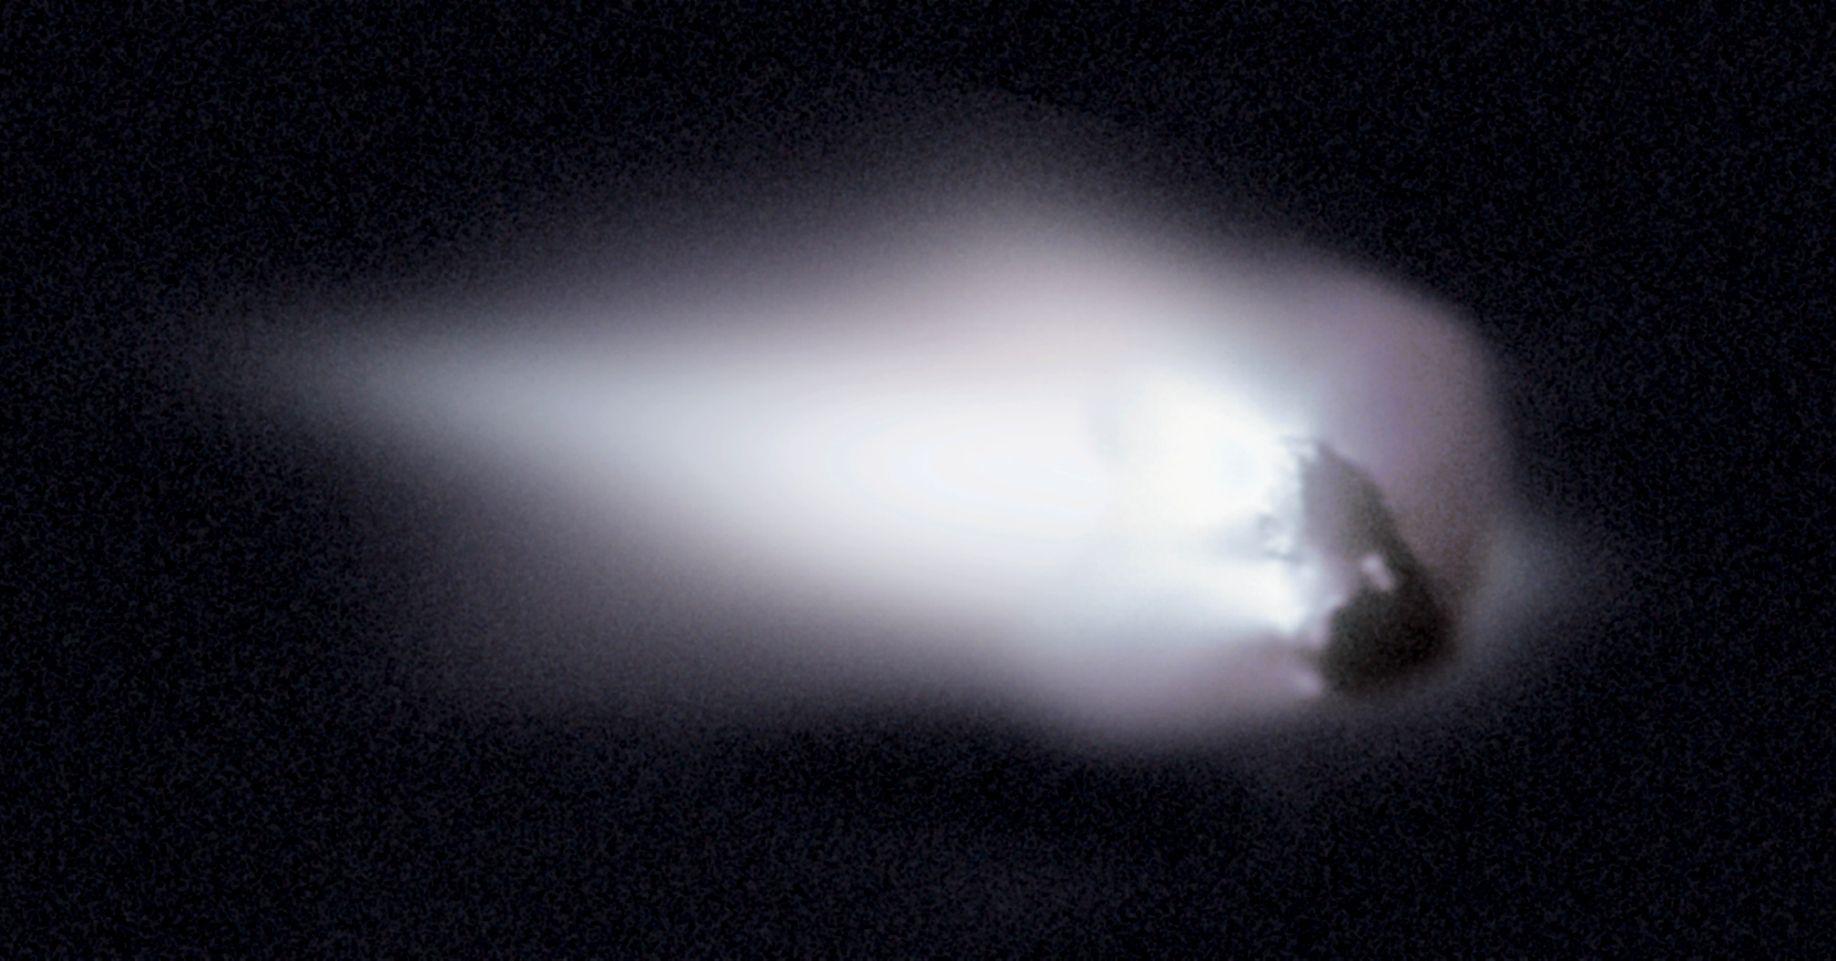 st_comete-de-halley_50_ans.jpg